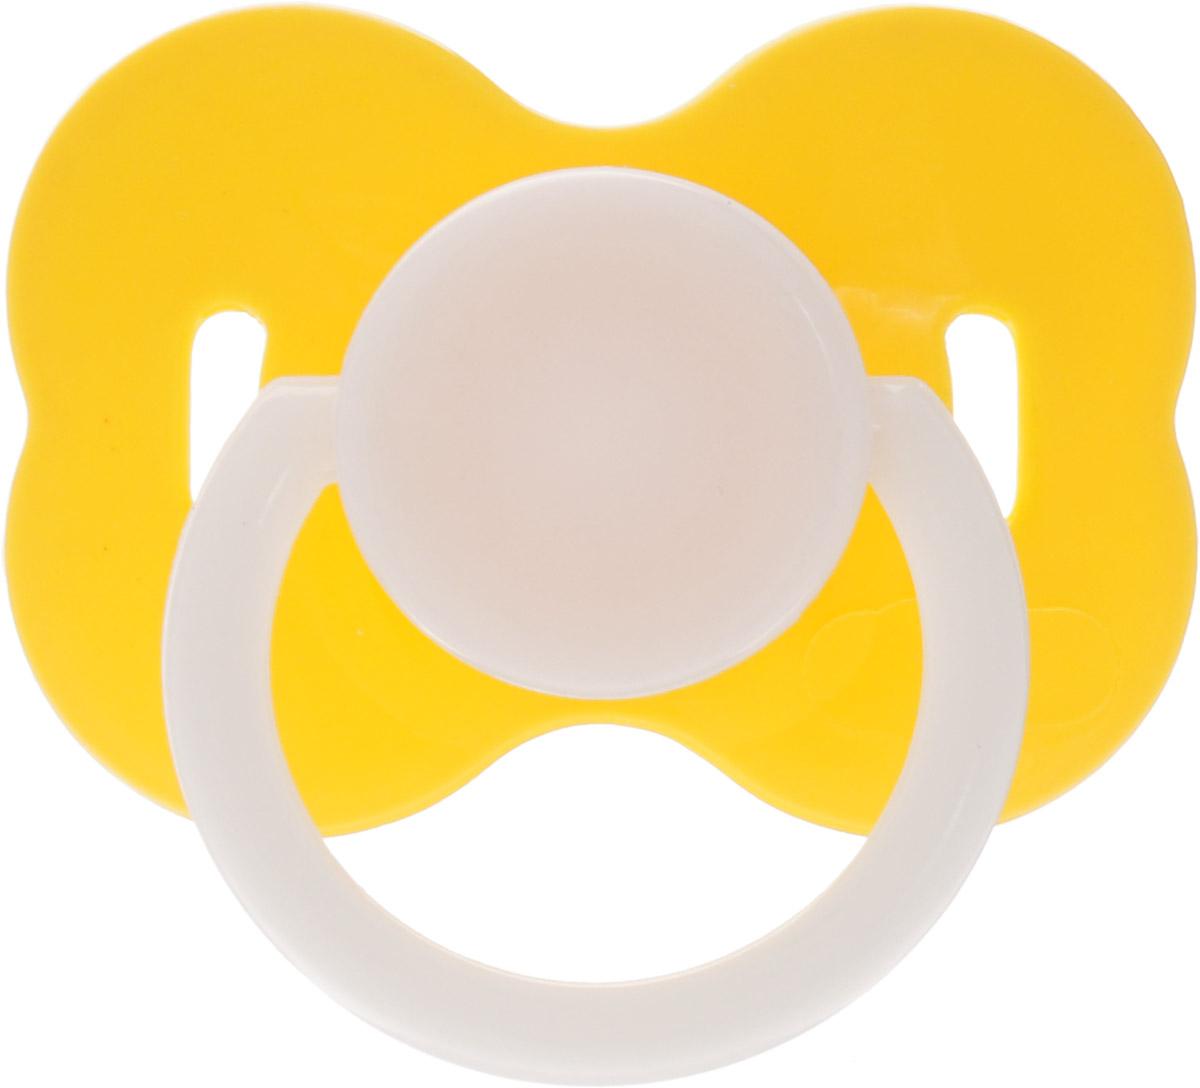 Lubby Пустышка силиконовая с колпачком от 6 месяцев цвет желтый